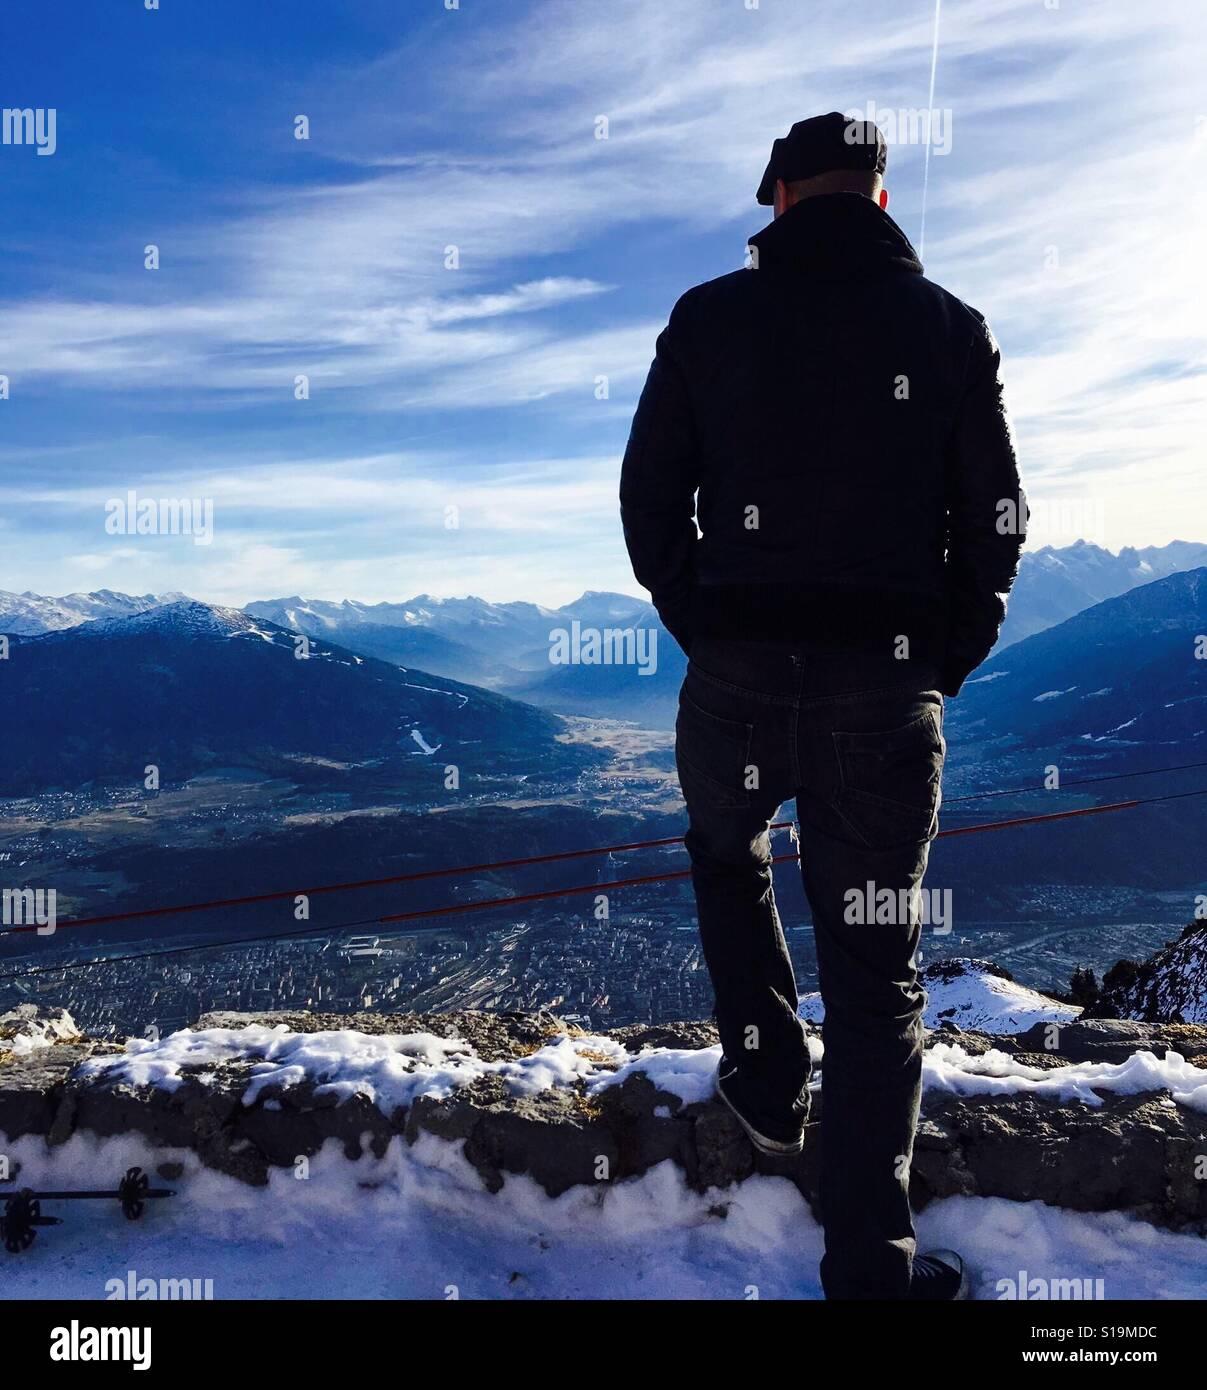 À la recherche sur Innsbruck dans les Alpes autrichiennes Banque D'Images